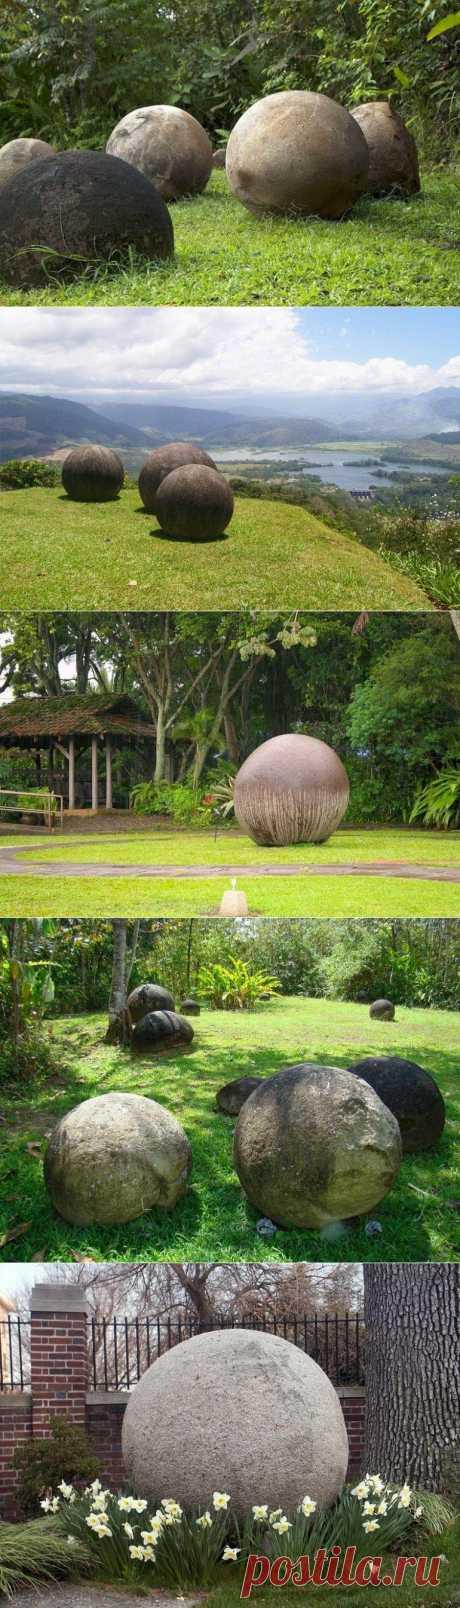 Загадка валунов Коста-Рики / Туристический спутник